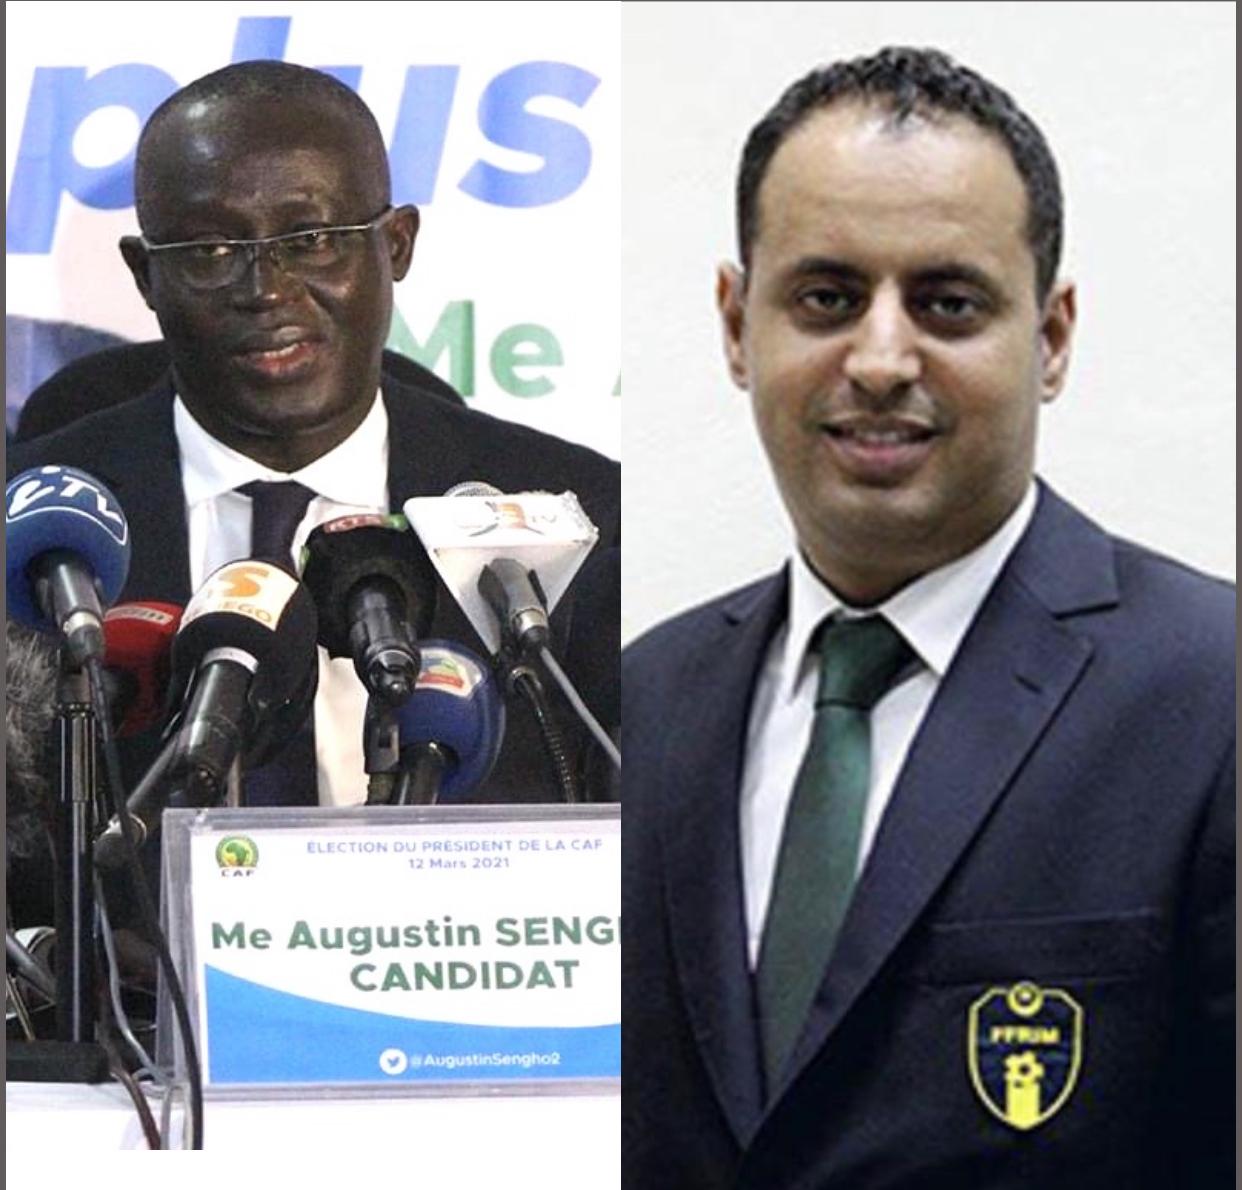 Assemblée générale UFOA / A : Augustin Senghor et Ahmed Yahya ont partagé le même vol en direction de Praia.